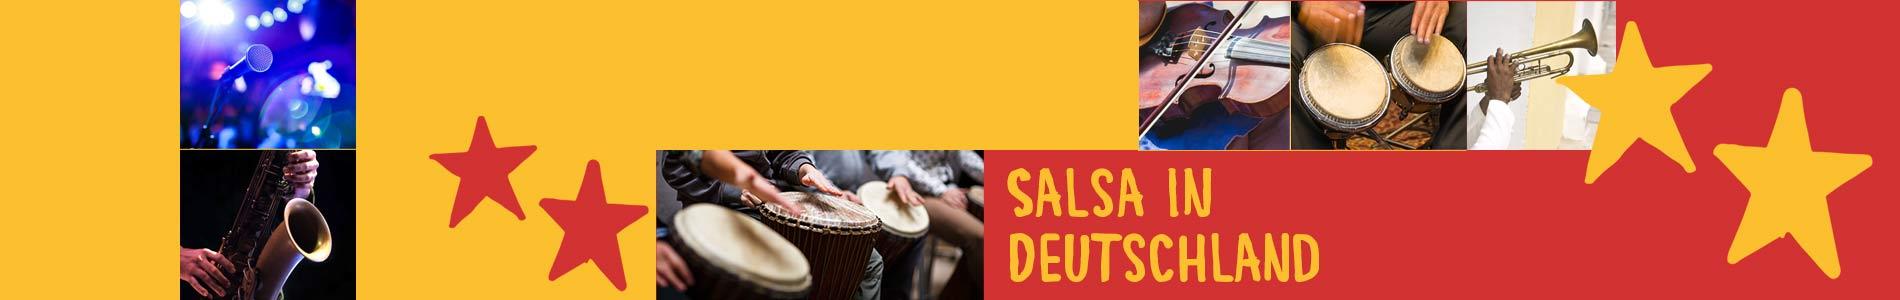 Salsa in Brande-Hörnerkirchen – Salsa lernen und tanzen, Tanzkurse, Partys, Veranstaltungen